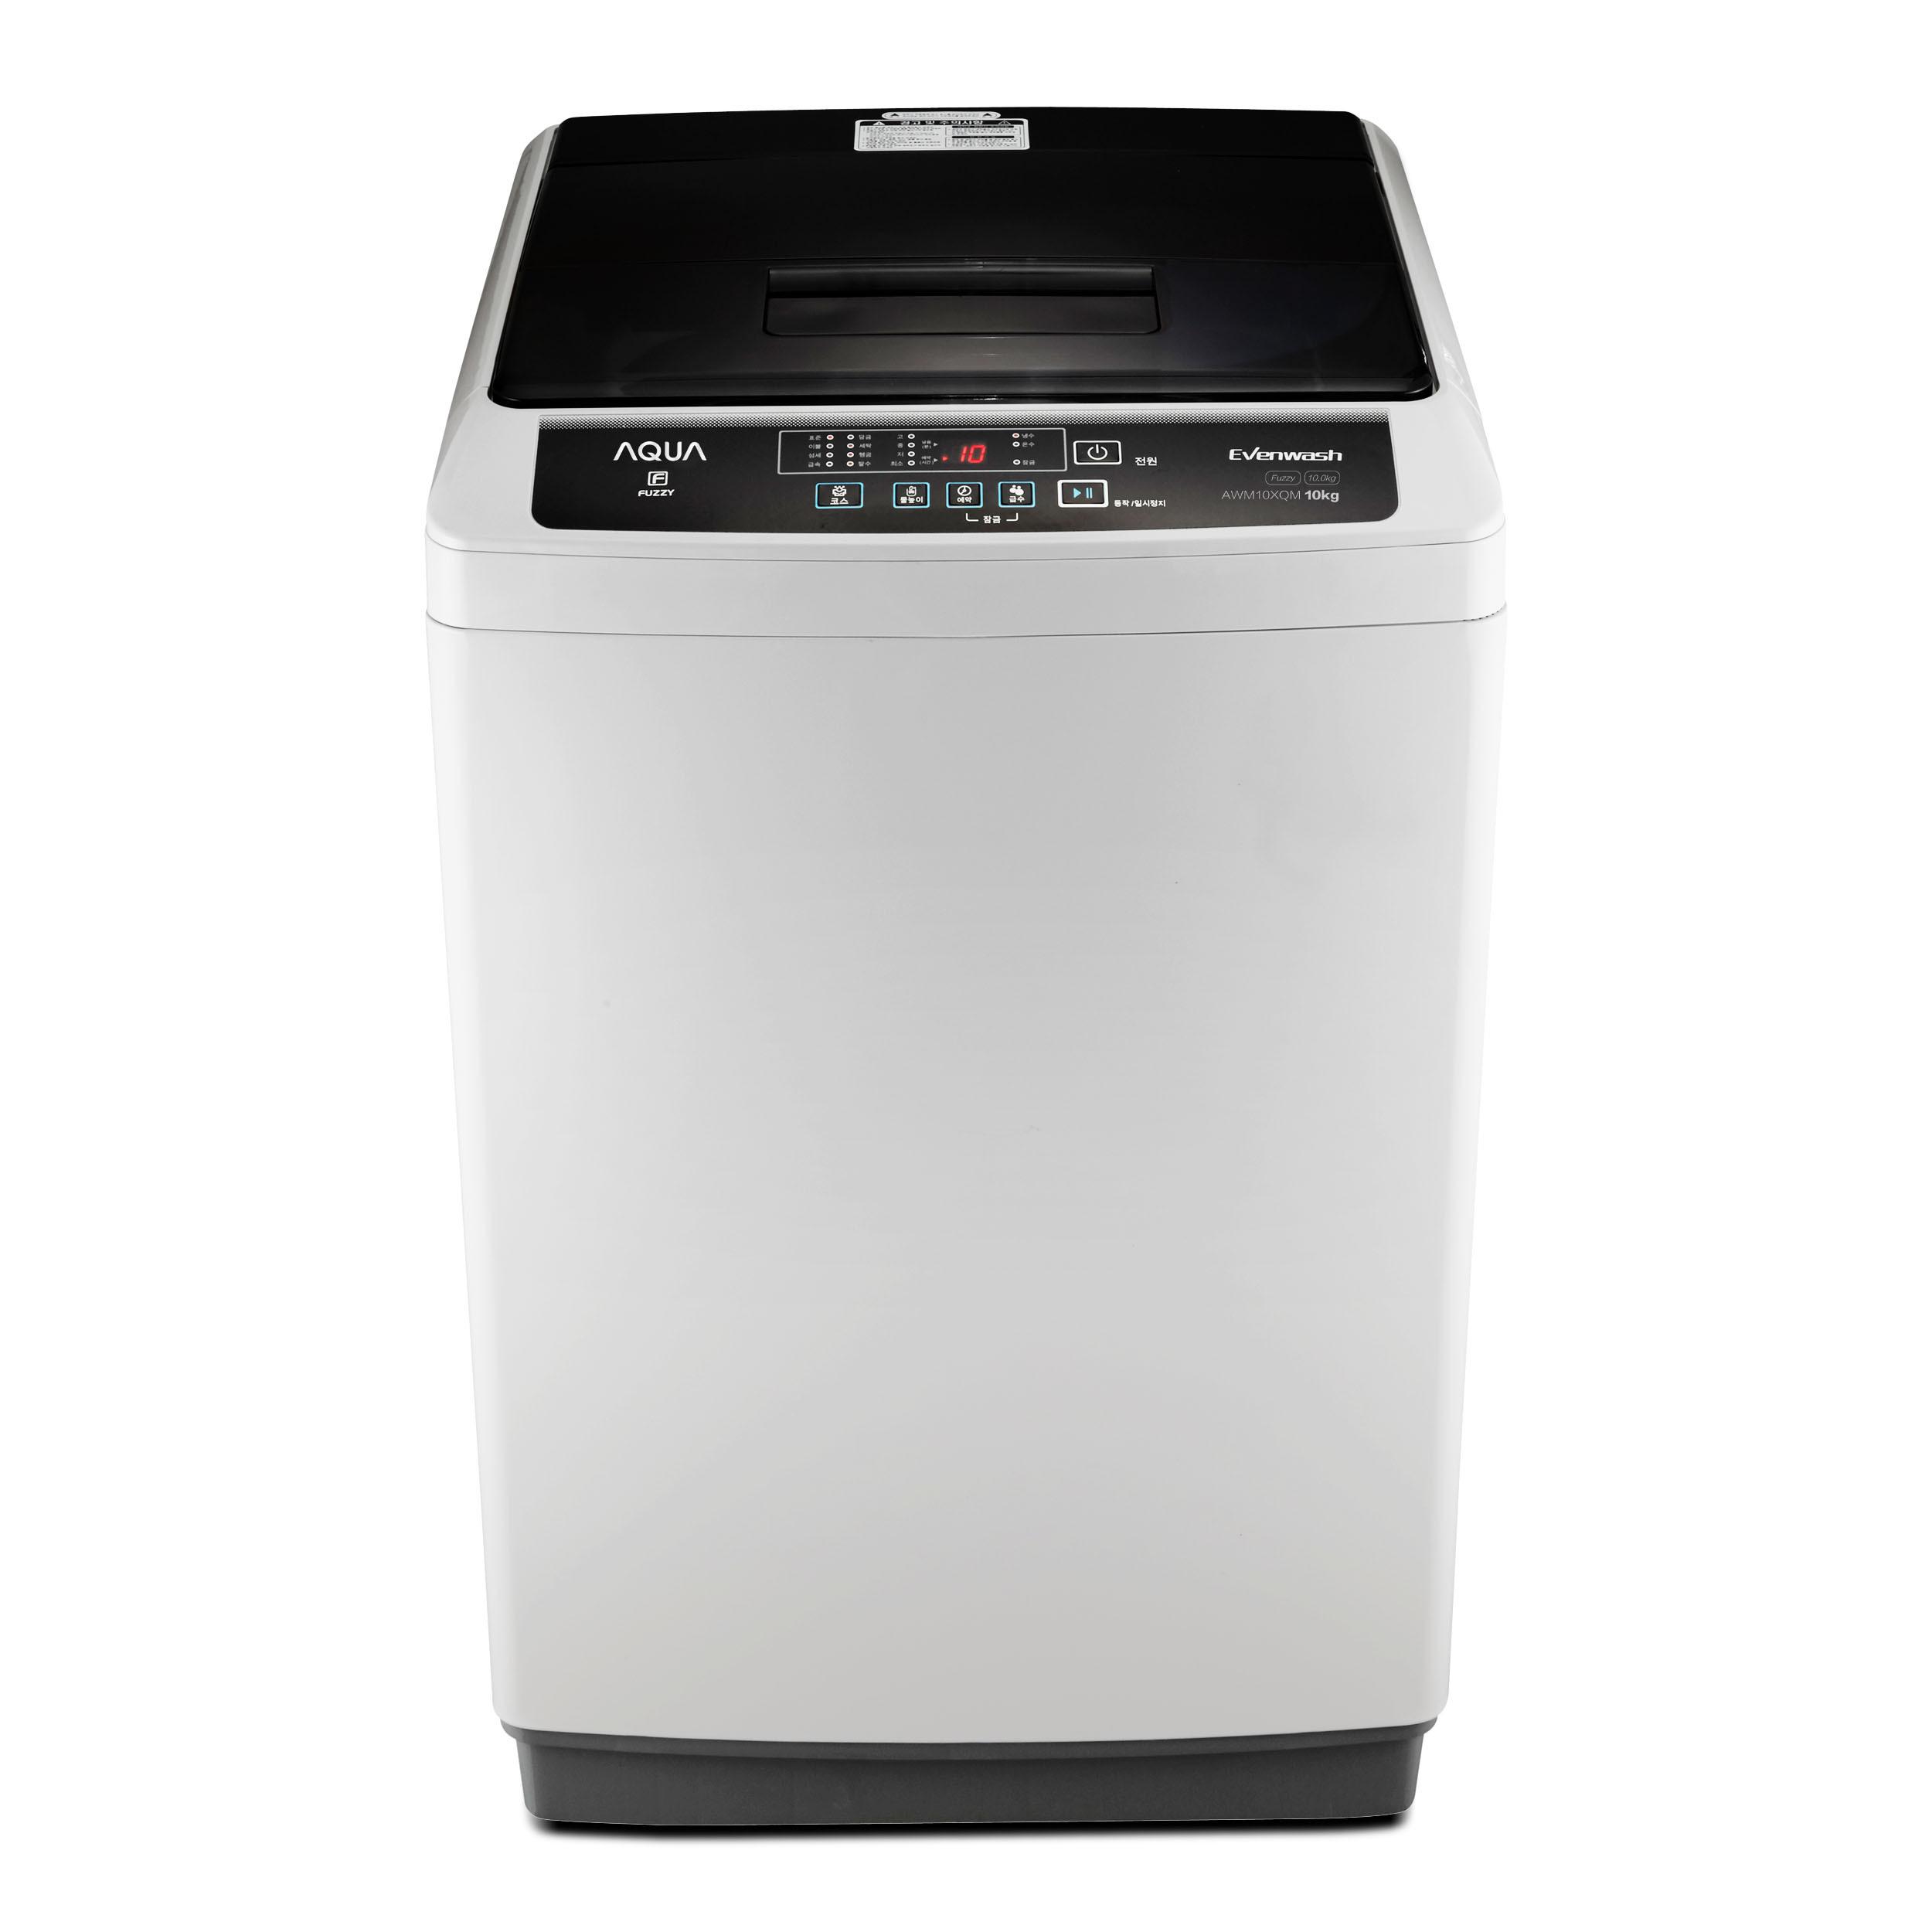 하이얼 소형 일반 통돌이 세탁기 다이아몬드 화이트 AWM10XQM 10kg 방문설치